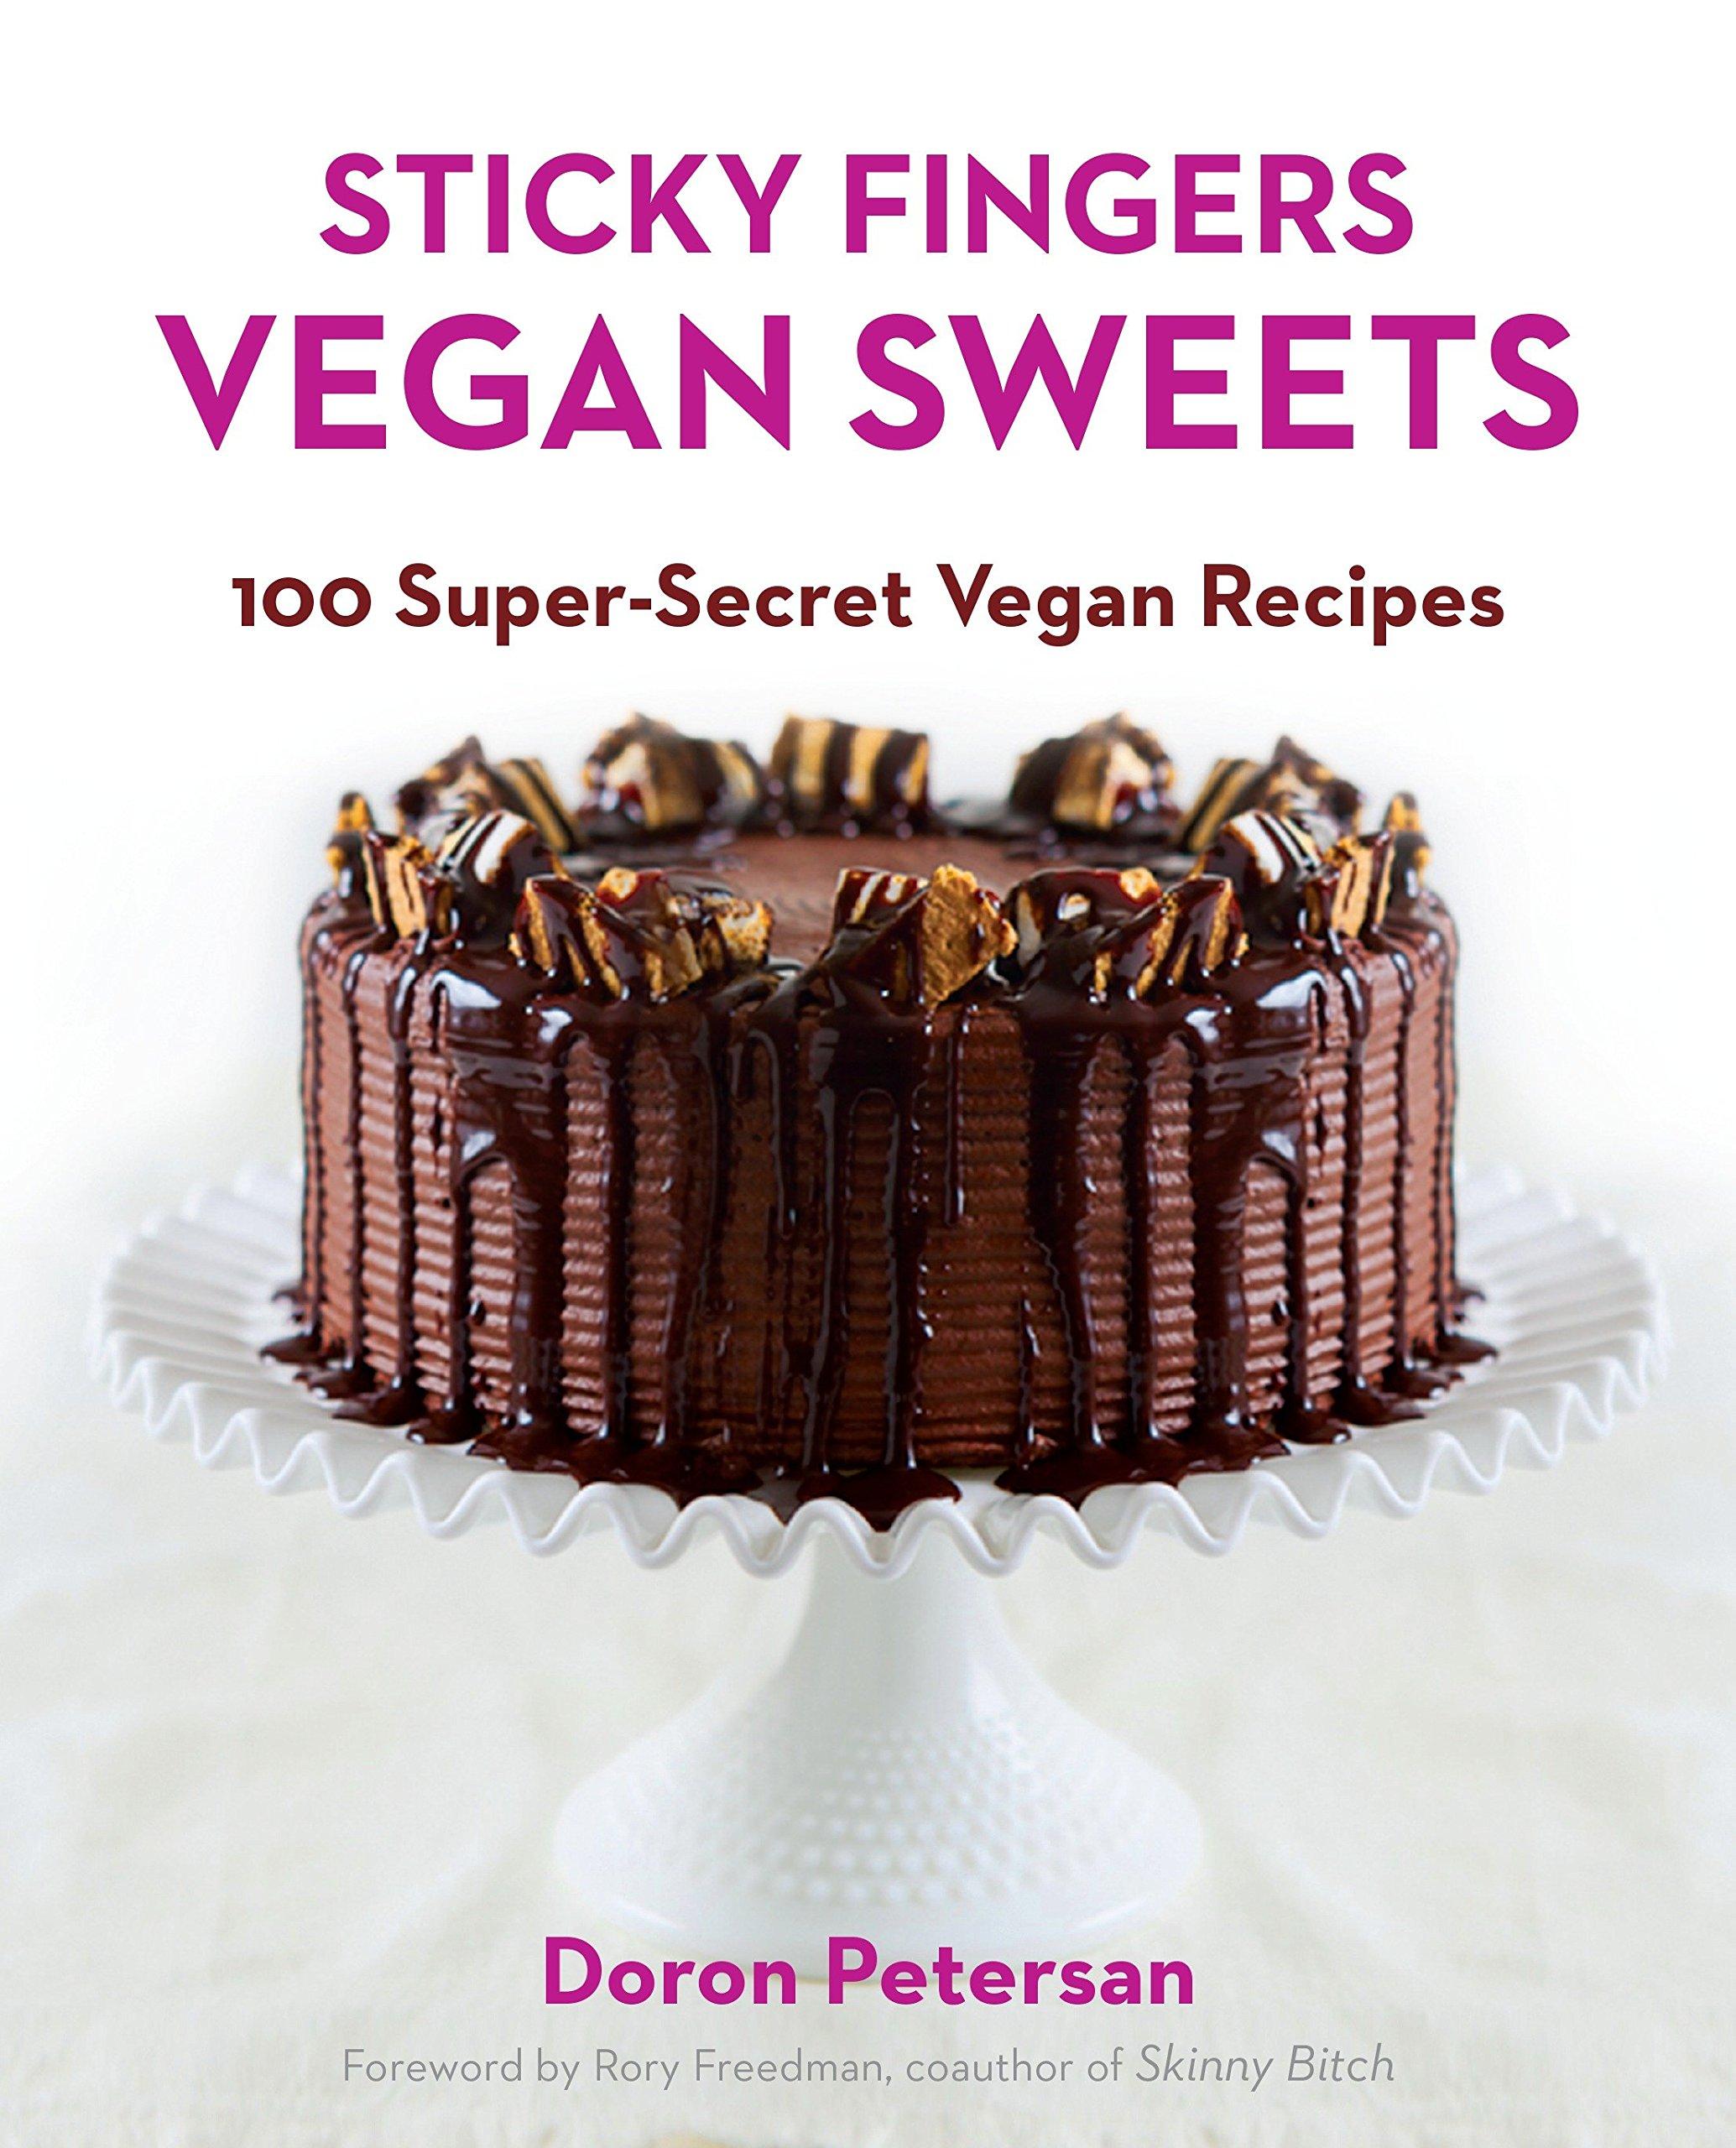 Sticky Fingers Vegan Sweets.jpg